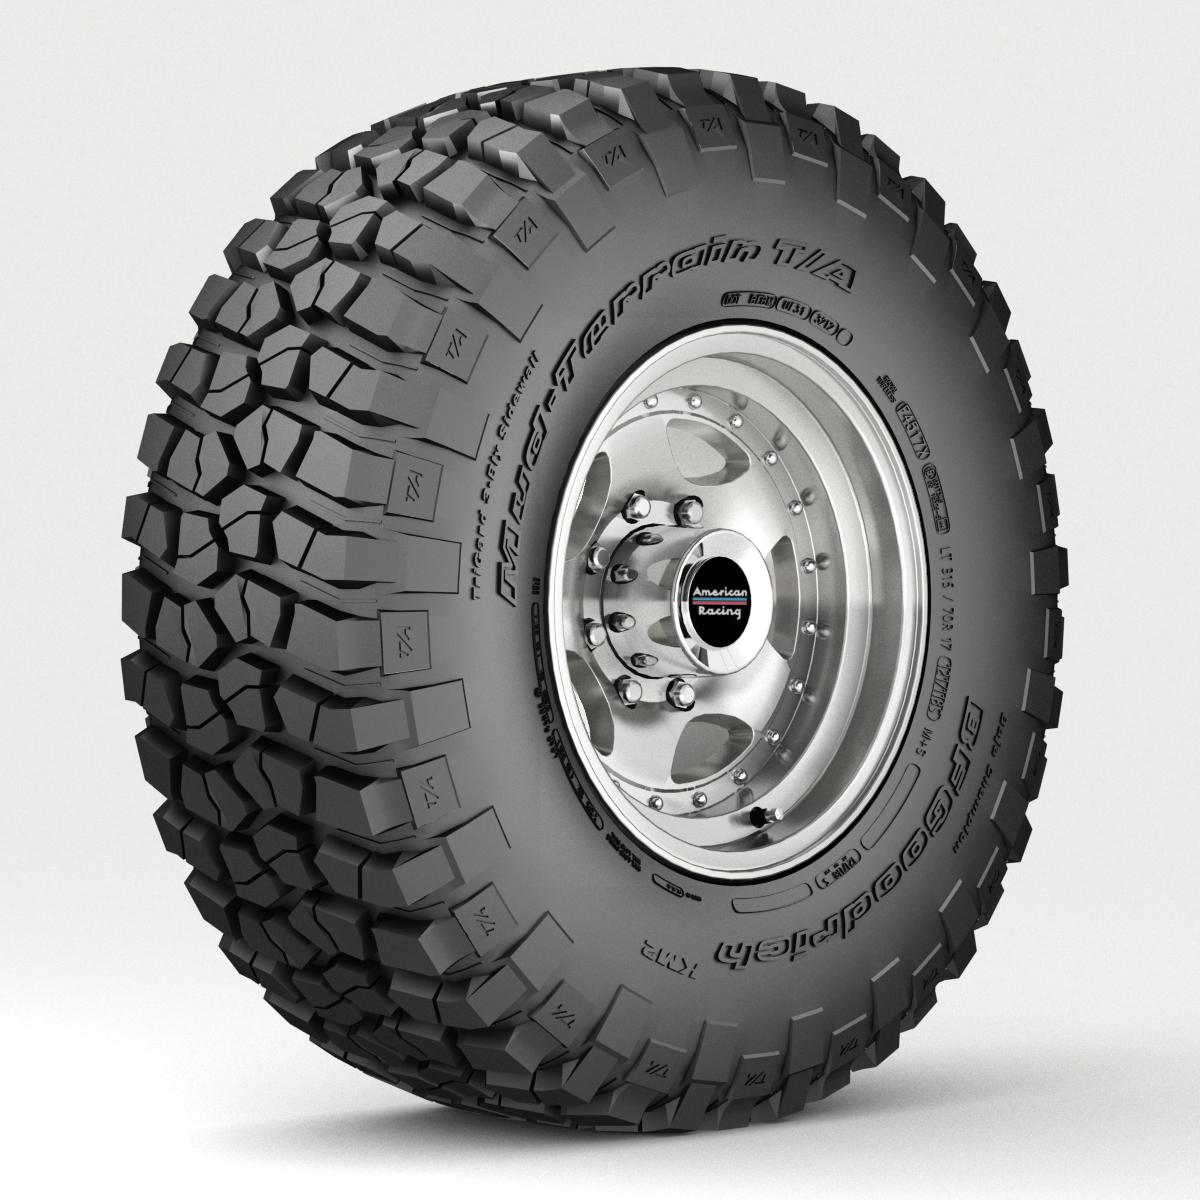 Off Road wheel and tire 3 3d model 3ds max fbx tga targa icb vda vst pix obj 224446